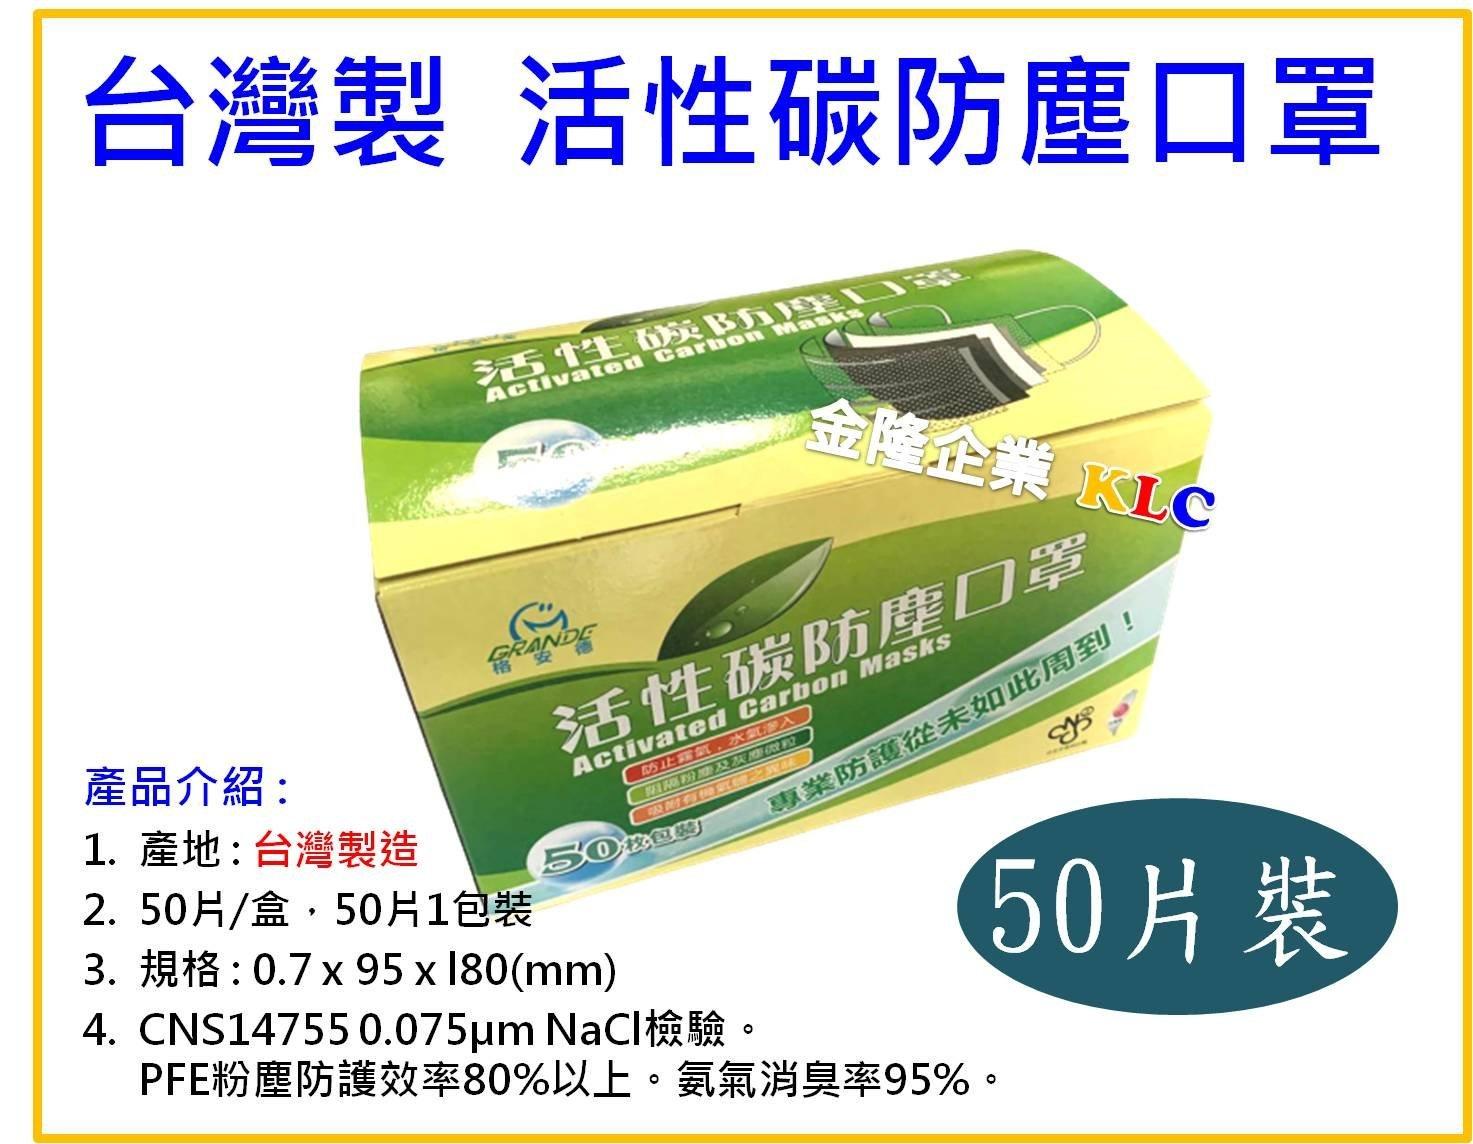 【上豪五金商城】(50片/盒) 台灣製 格安德 四層活性碳口罩 防護口罩 防粉塵  油煙 霧霾 花粉 防異味